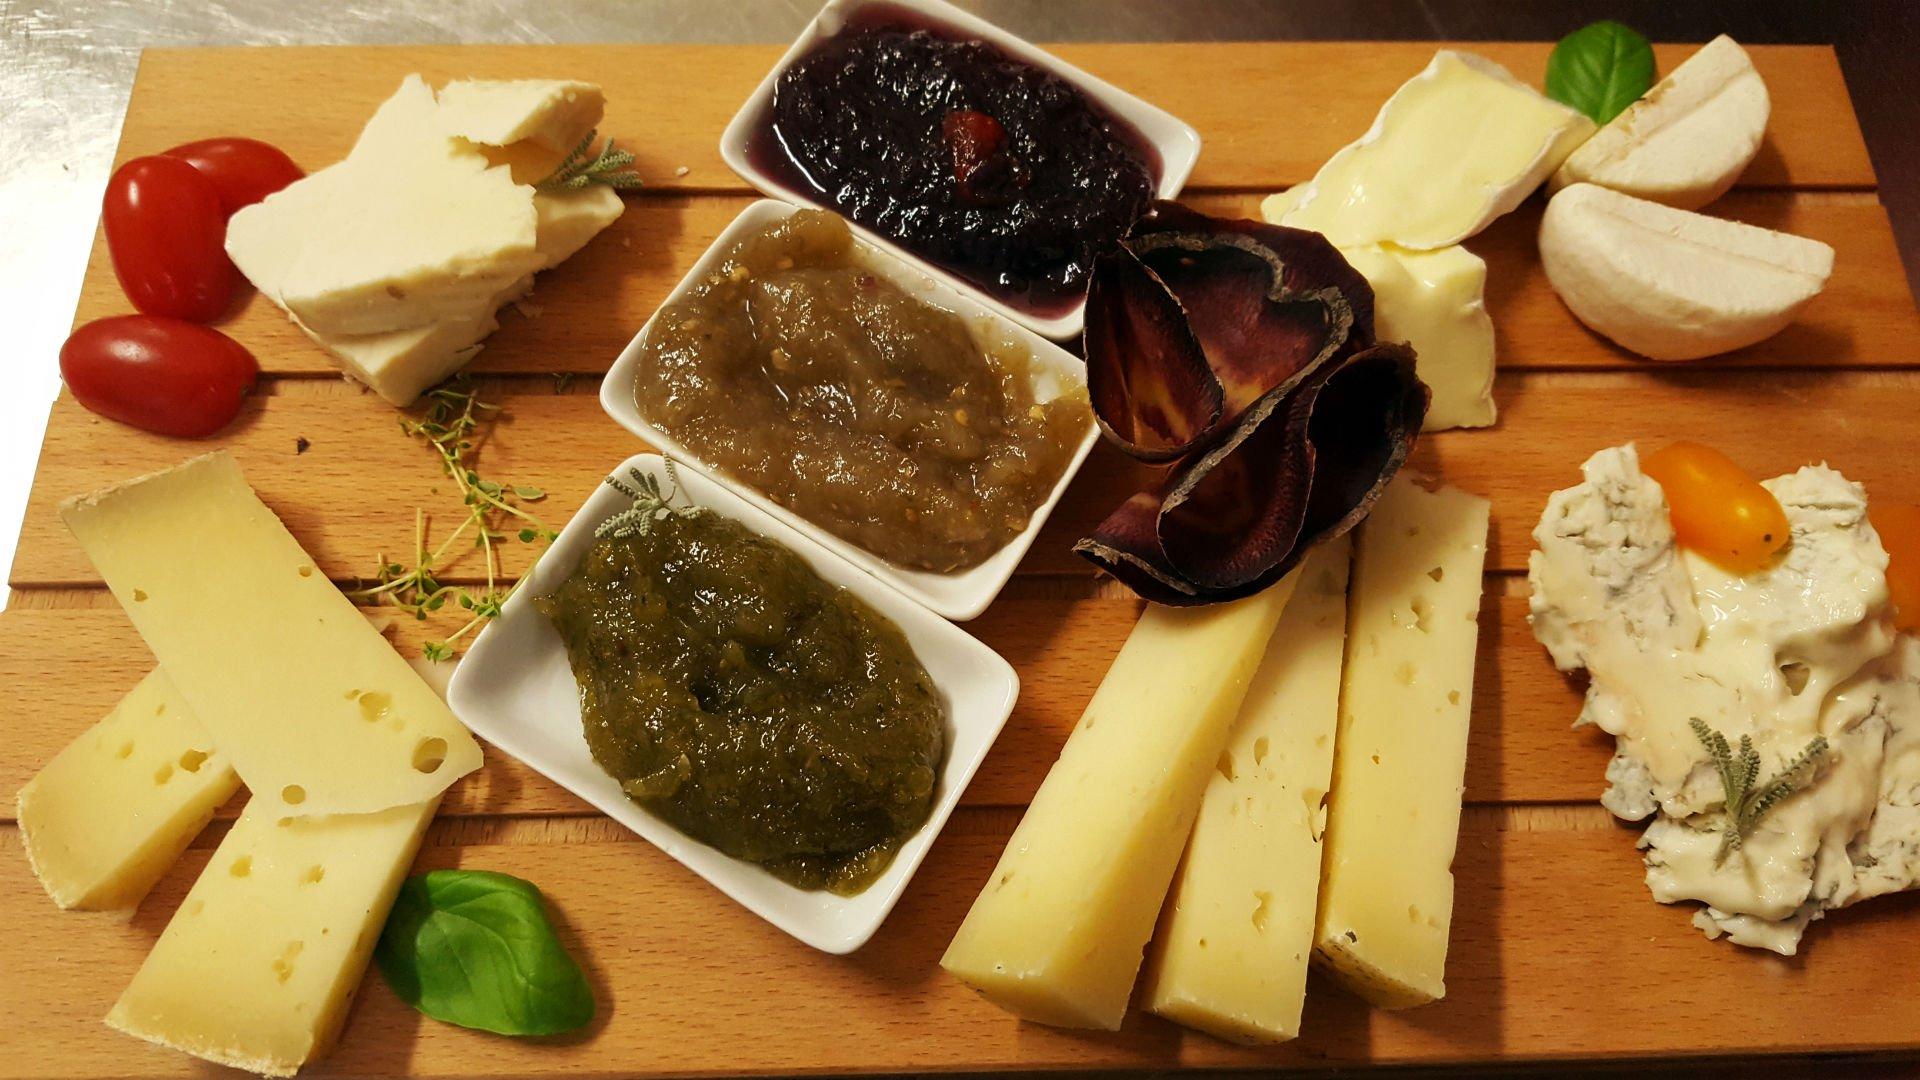 un tagliere con dei formaggi, pomodorini e delle salse